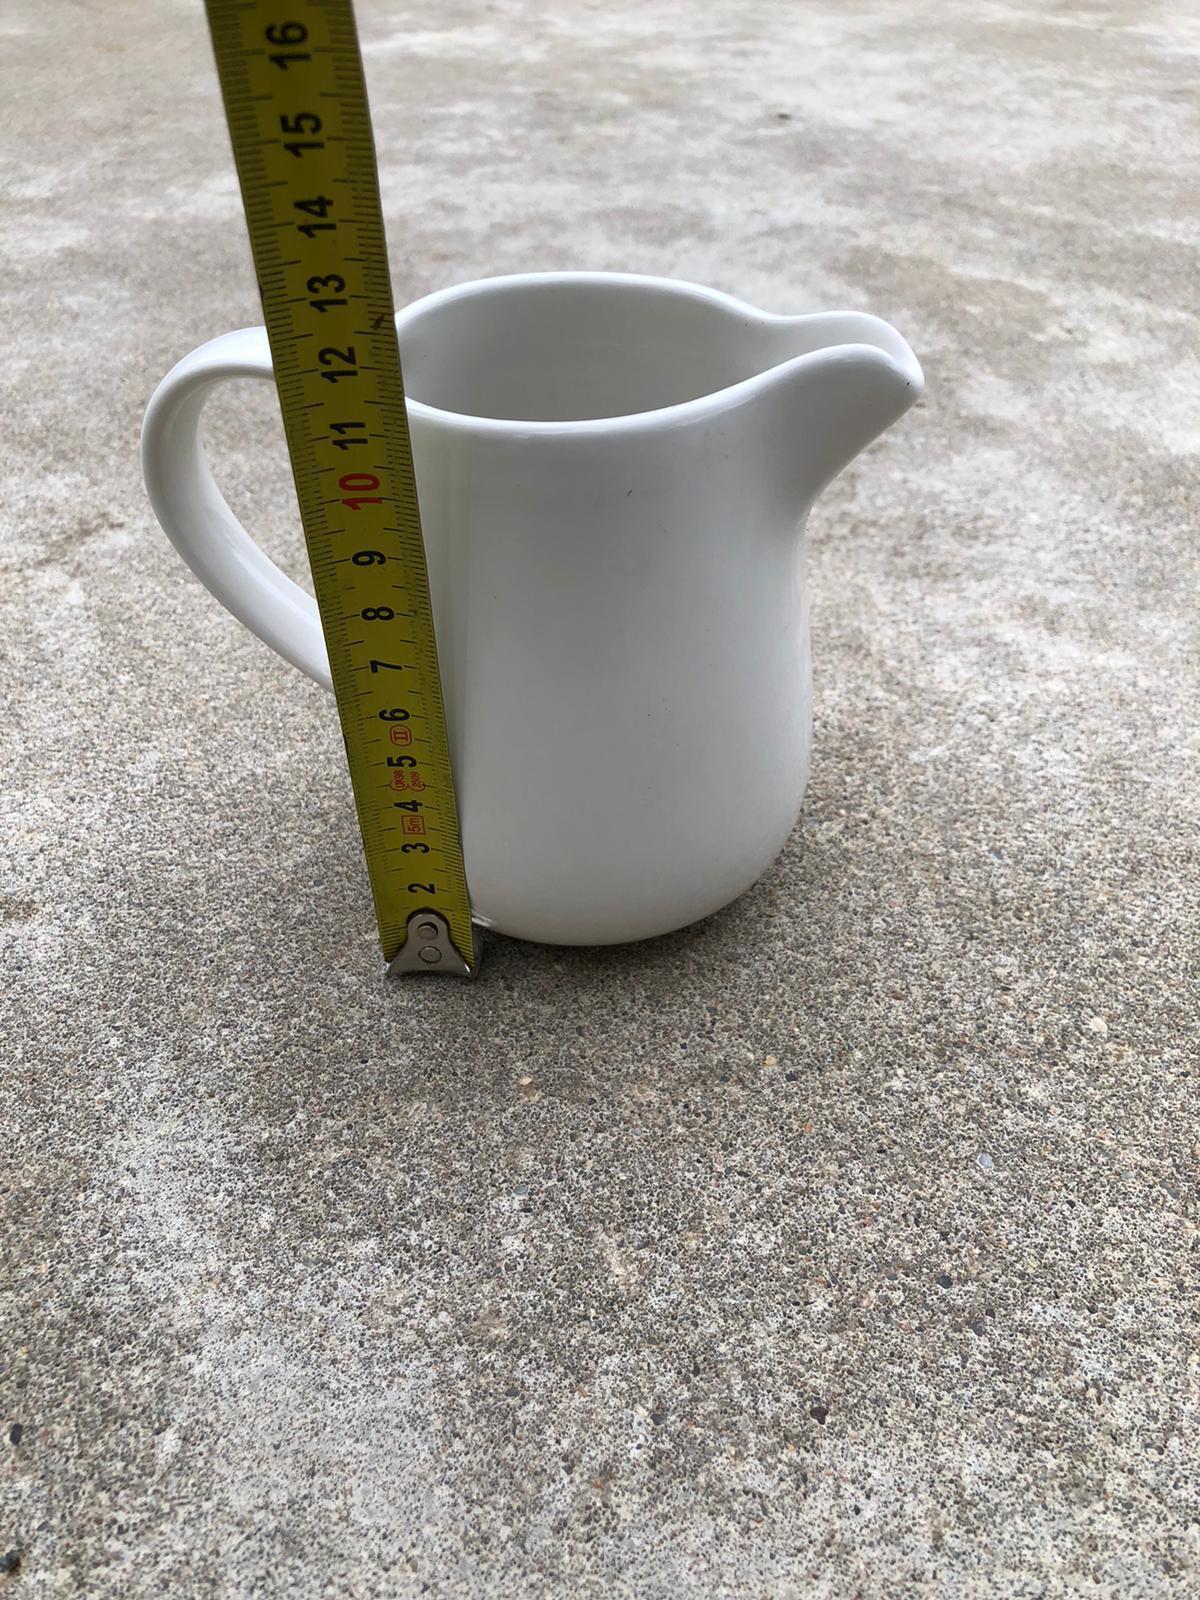 Džbánek na mléko/smetanu - Obrázek č. 1